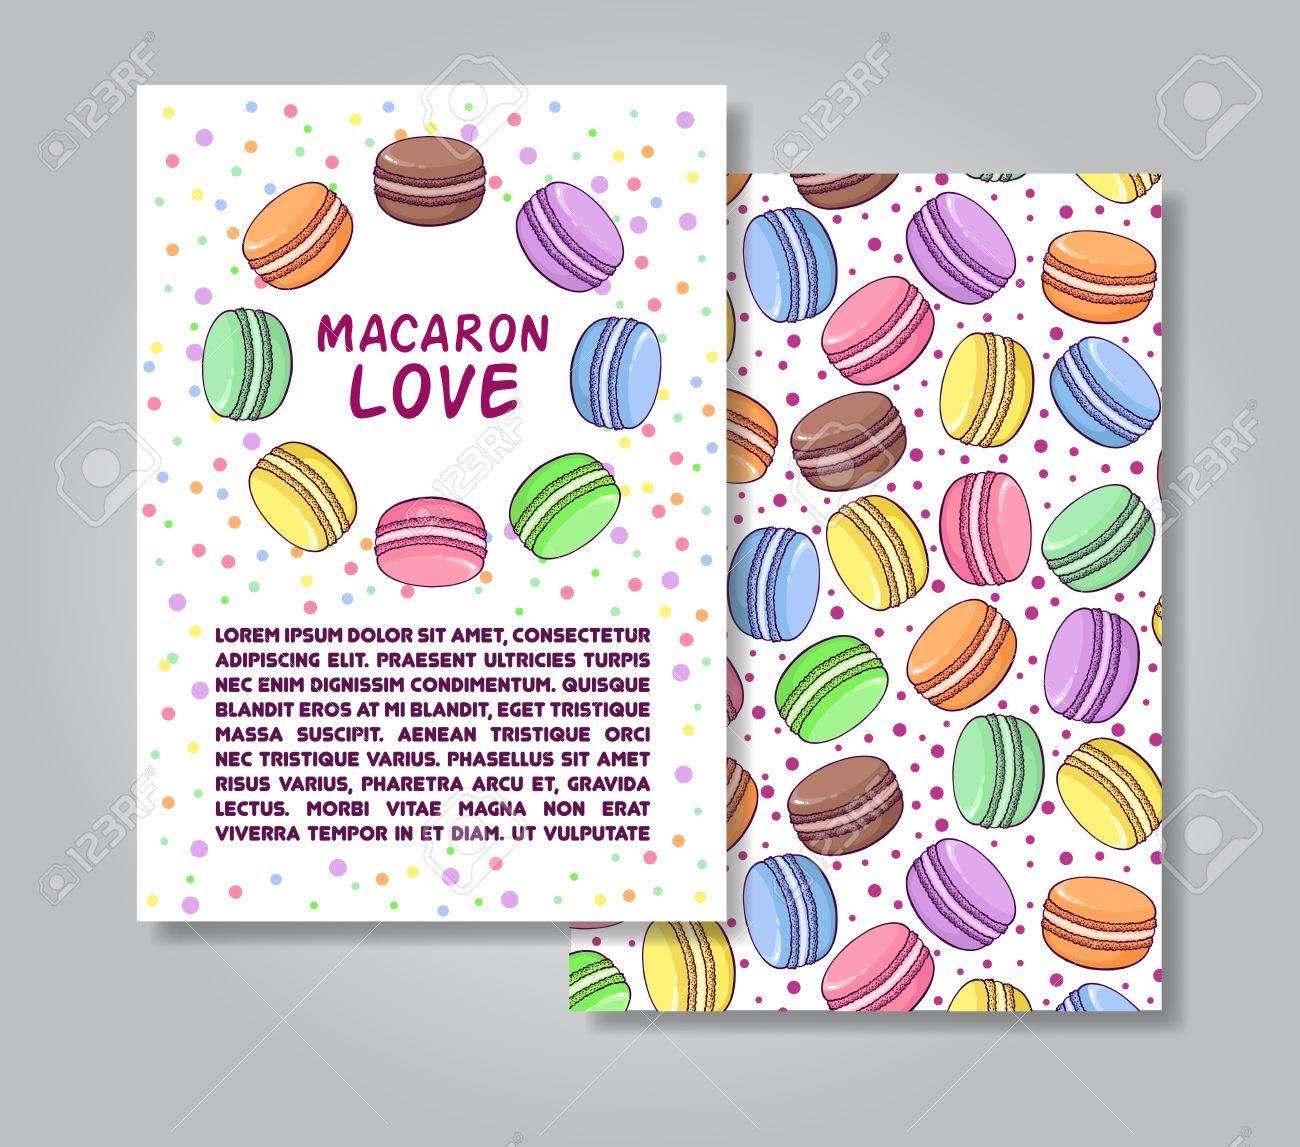 マカロンのイラストとパターンの背景を持つ 2 つの側面招待カード